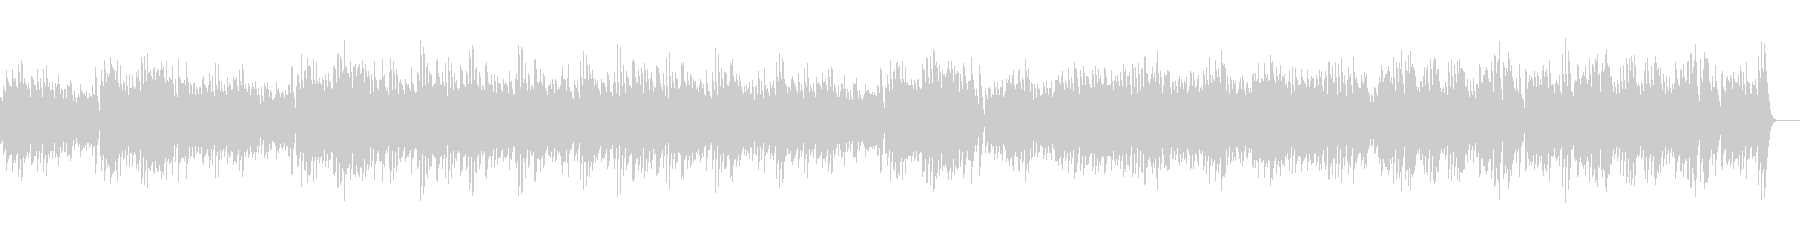 シュガー・ケイン_オルゴールverの未再生の波形